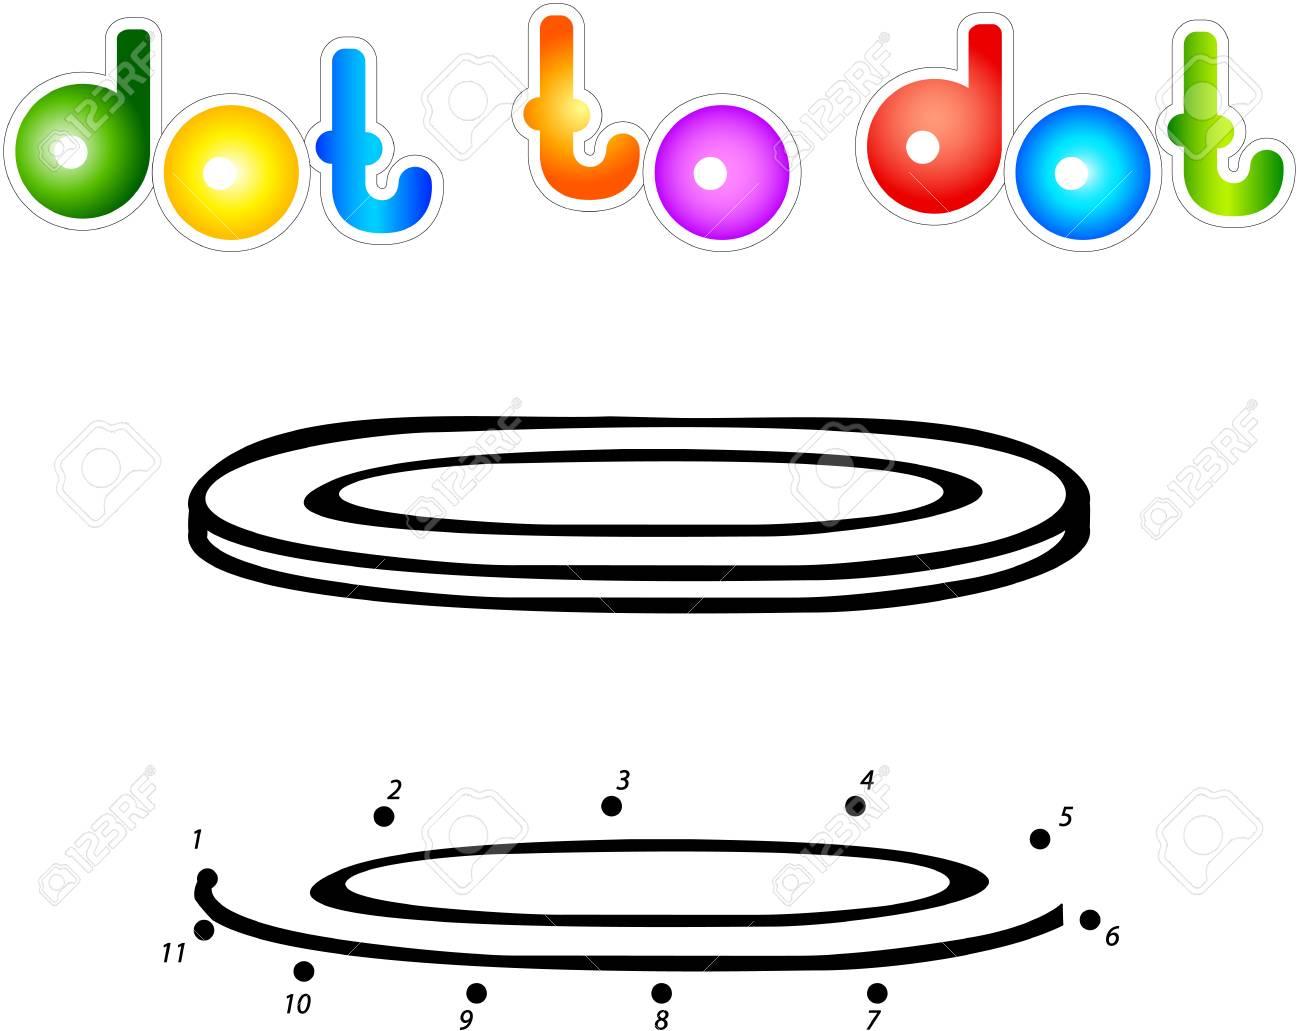 Segunda Placa De Punto A Punto De Libro Para Colorear Ilustración Vectorial Para Los Niños